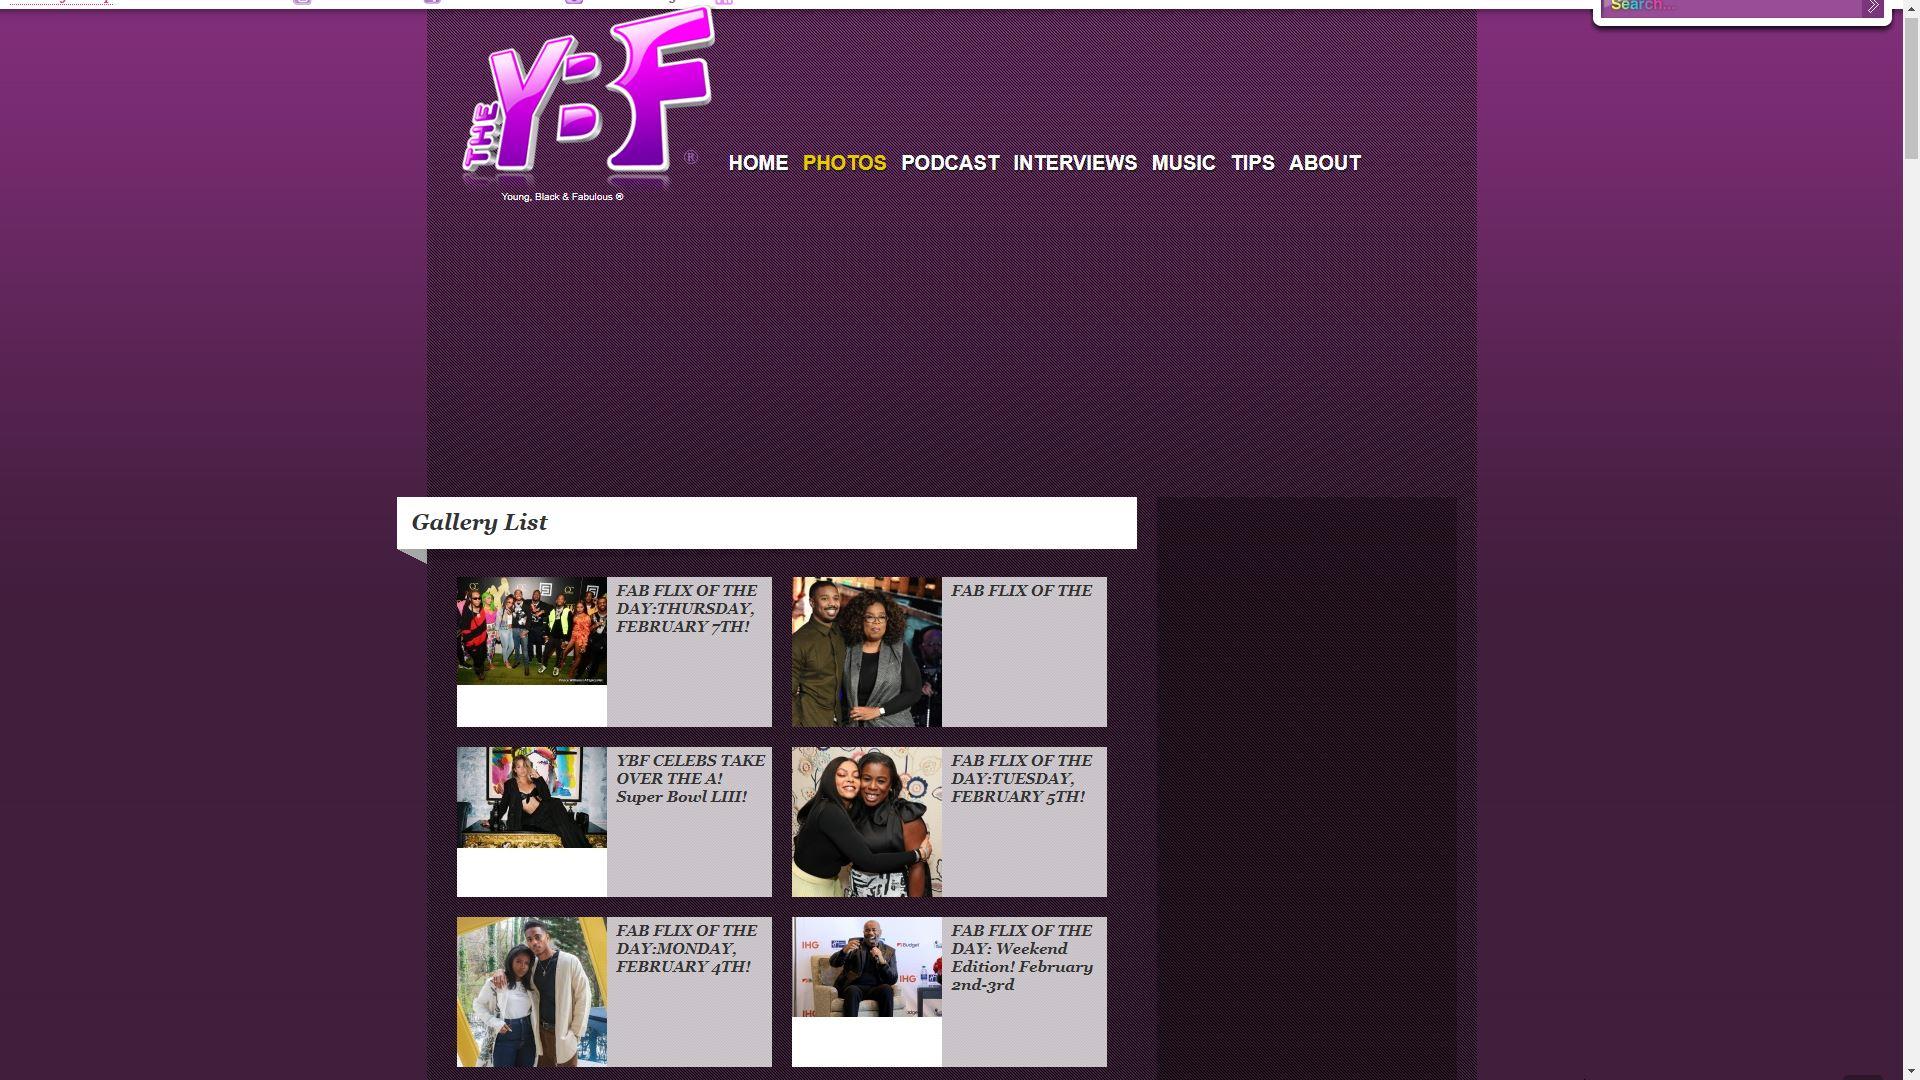 The YBF Photos